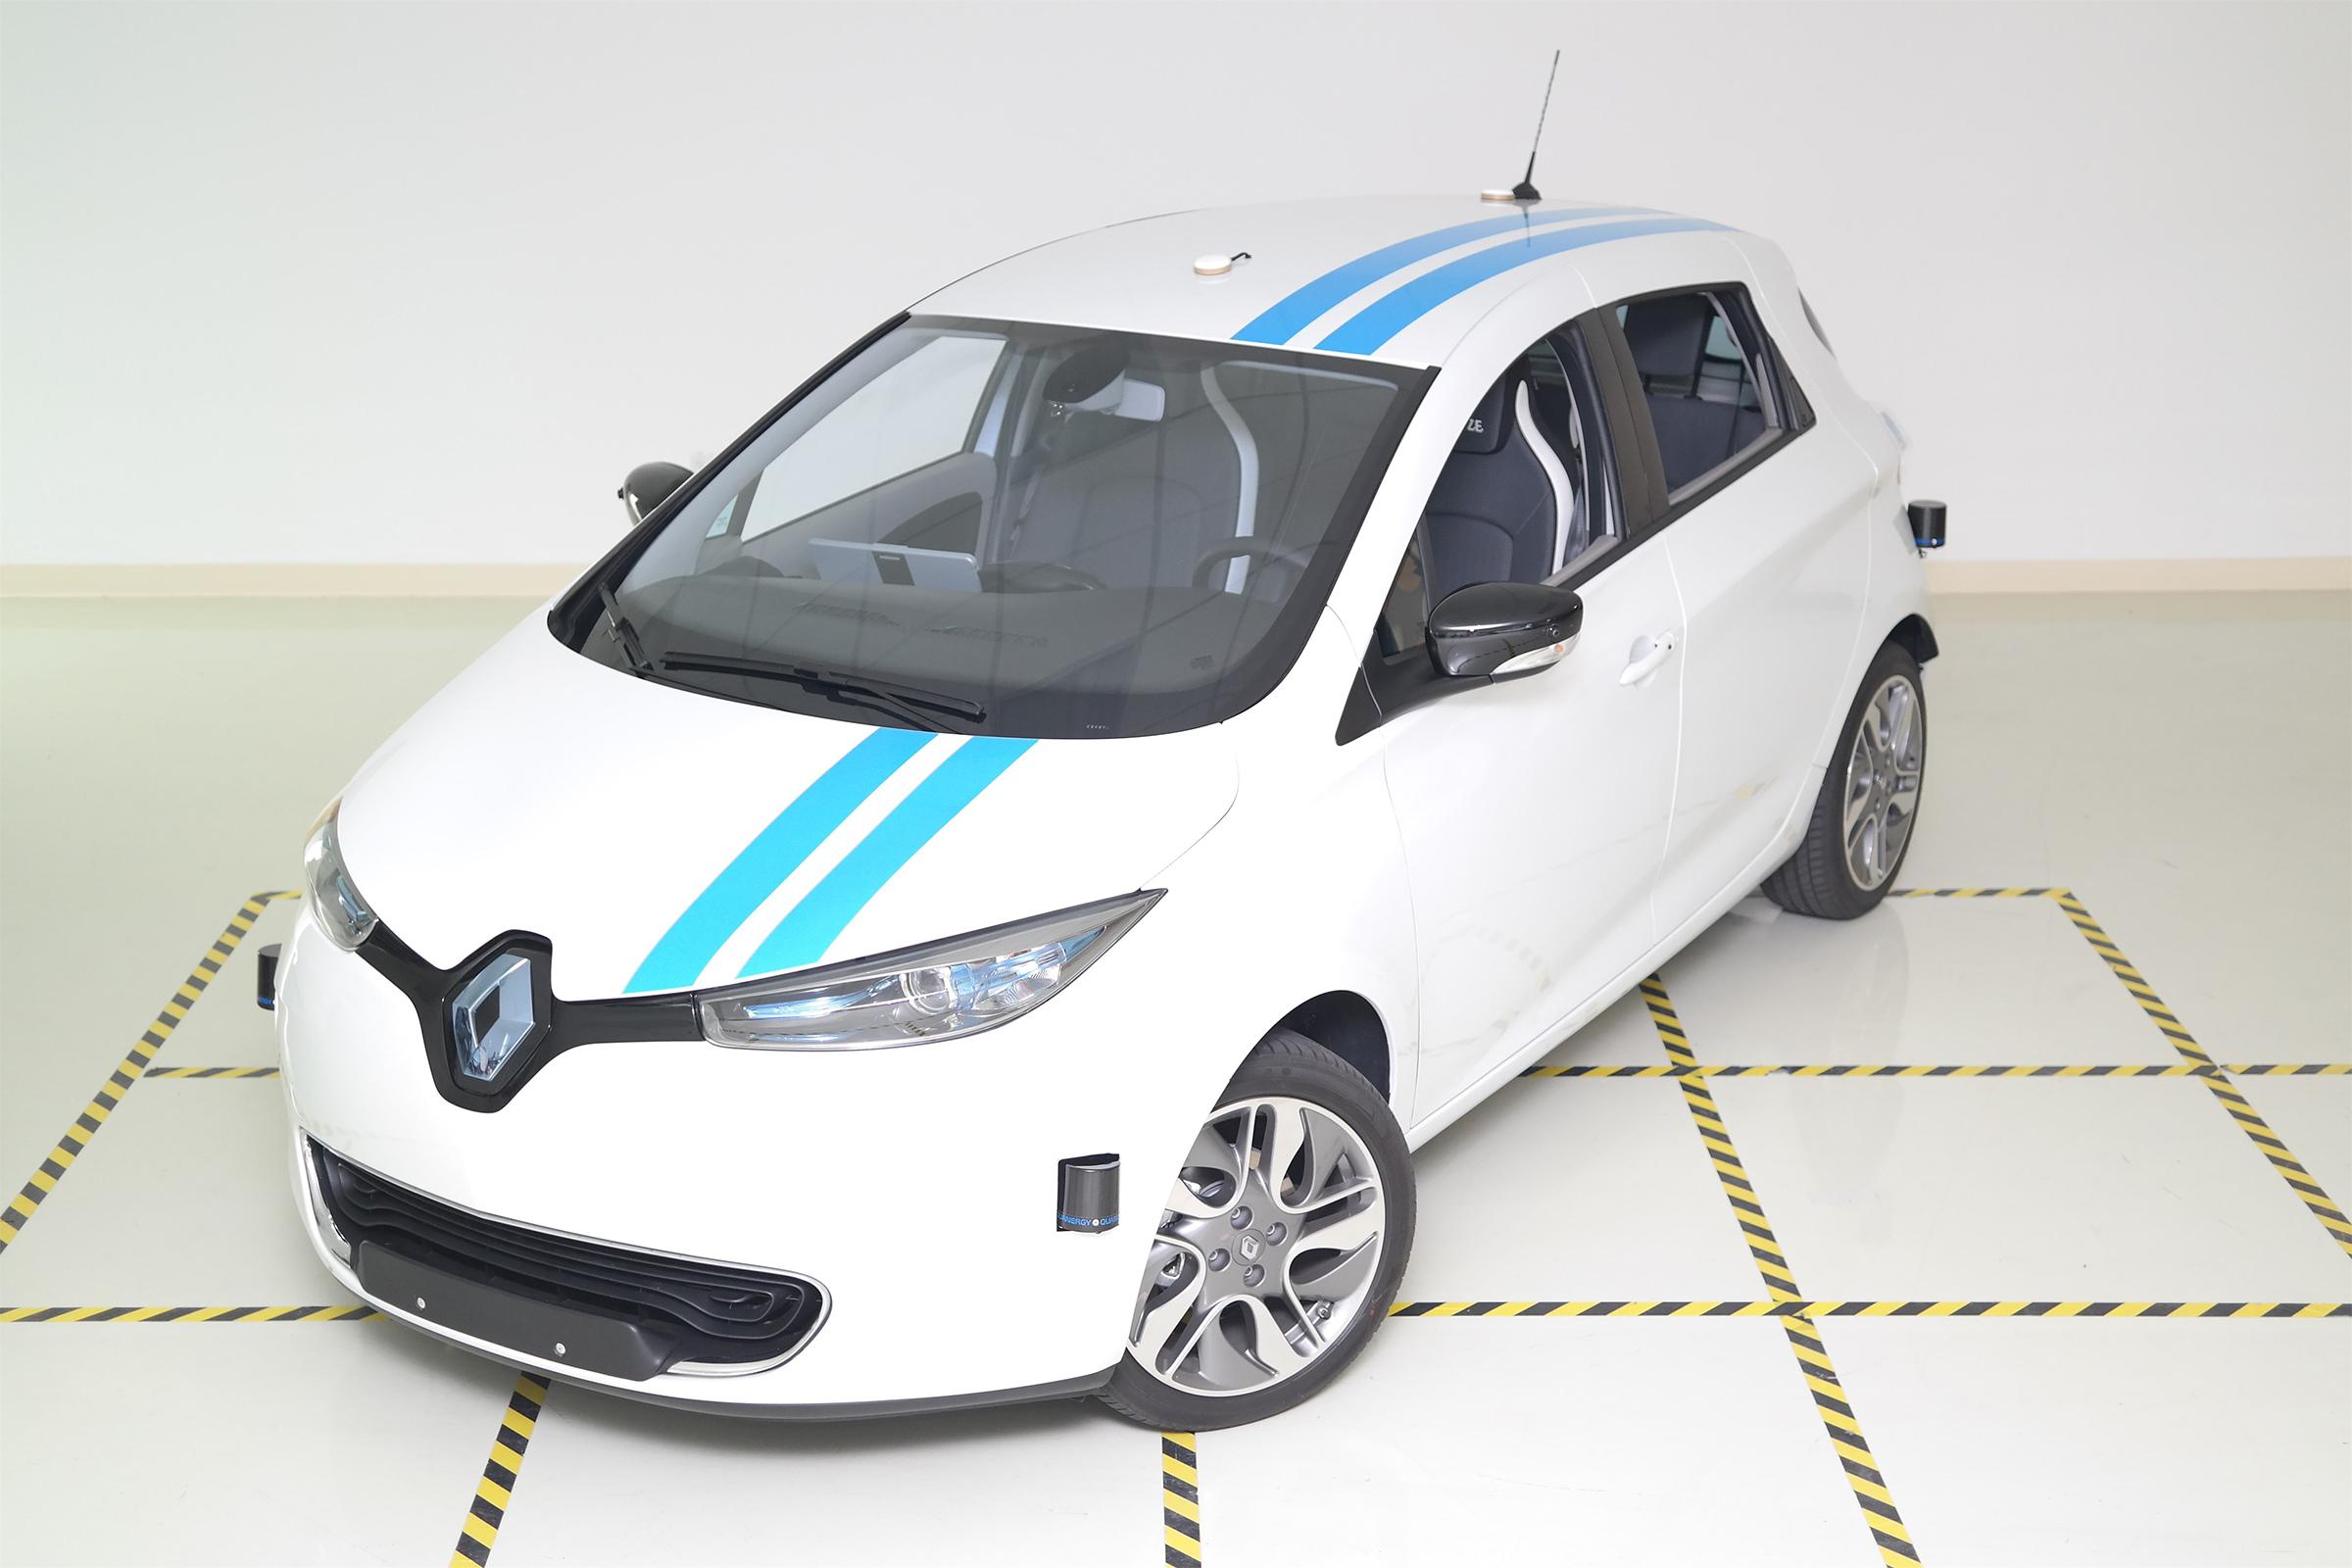 El Renault Zoe autónomo hace esquivas como un profesional